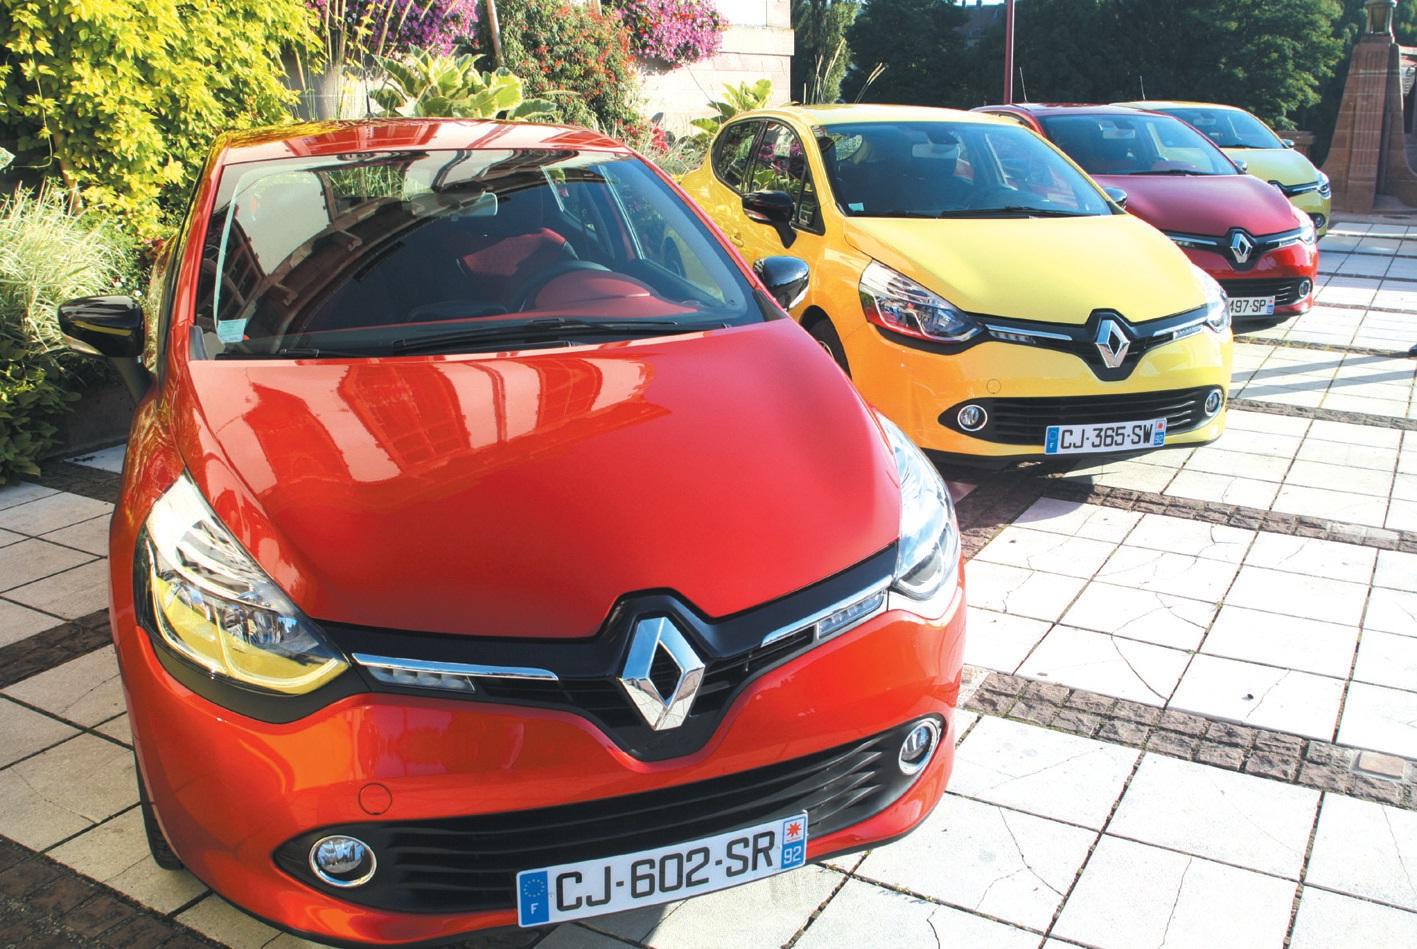 La dernière née de Renault, la Clio 4, était en essais sur les routes lorraines au départ de Baccarat. La marque au losange espère beaucoup de ce nouveau modèle.